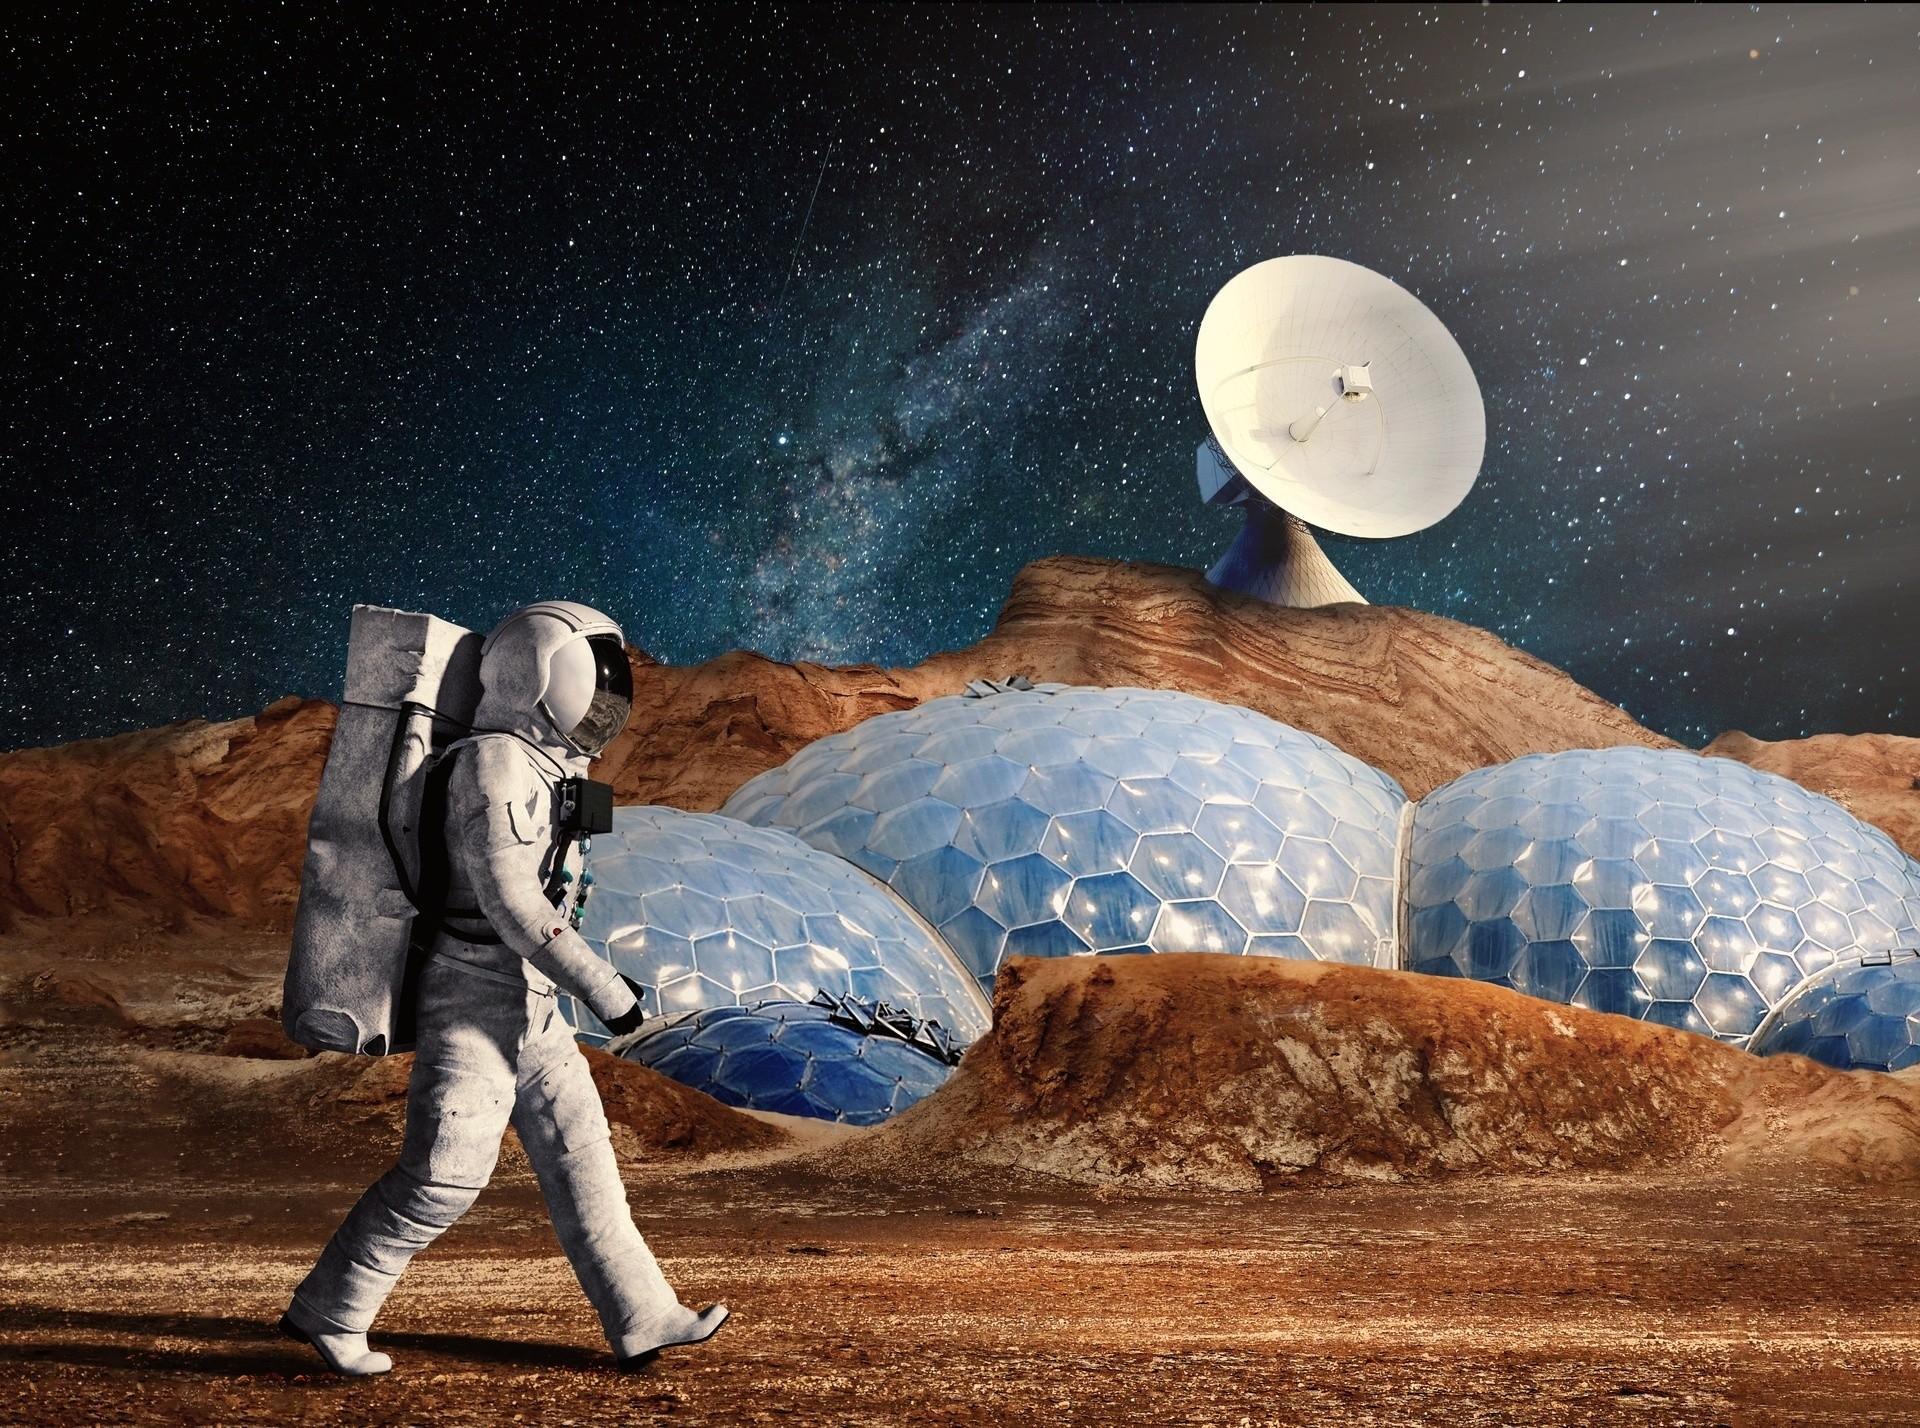 Podobnie jak Goddard, spotykał się z kpinami otoczenia, gdy mówił o podróży kosmicznej.